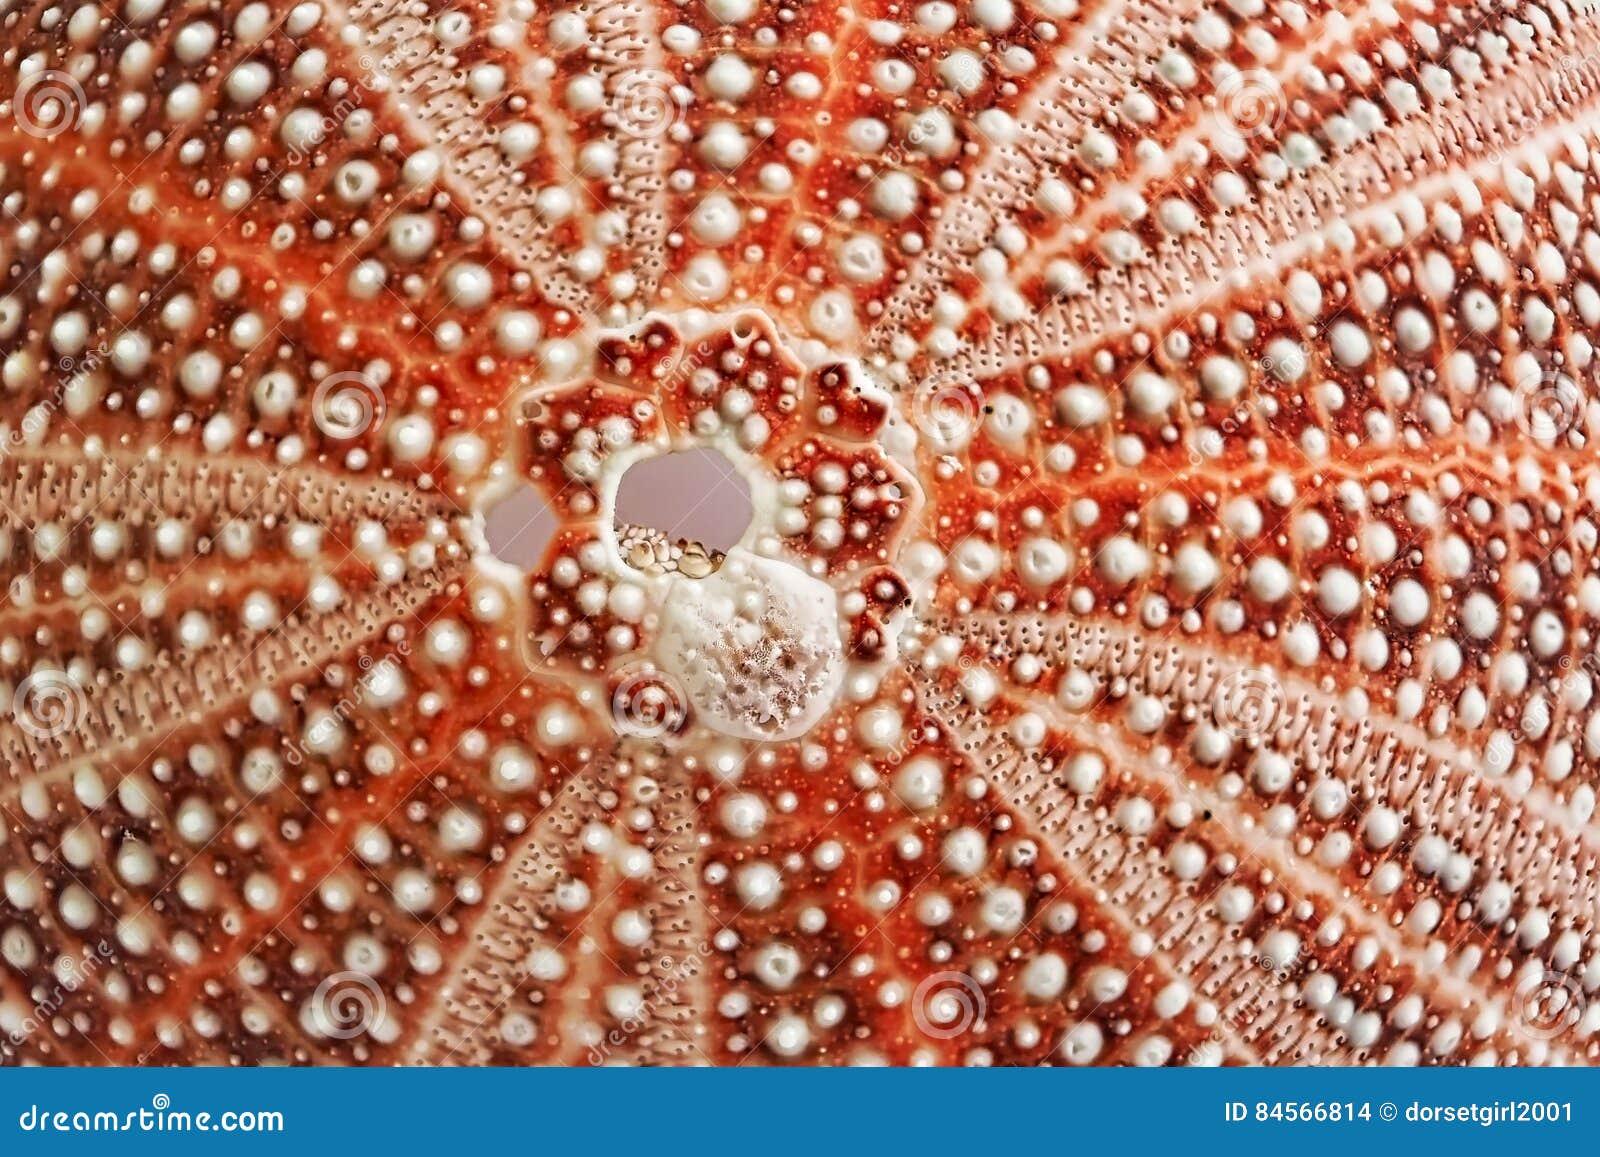 Riccio di mare Shell - modelli in natura